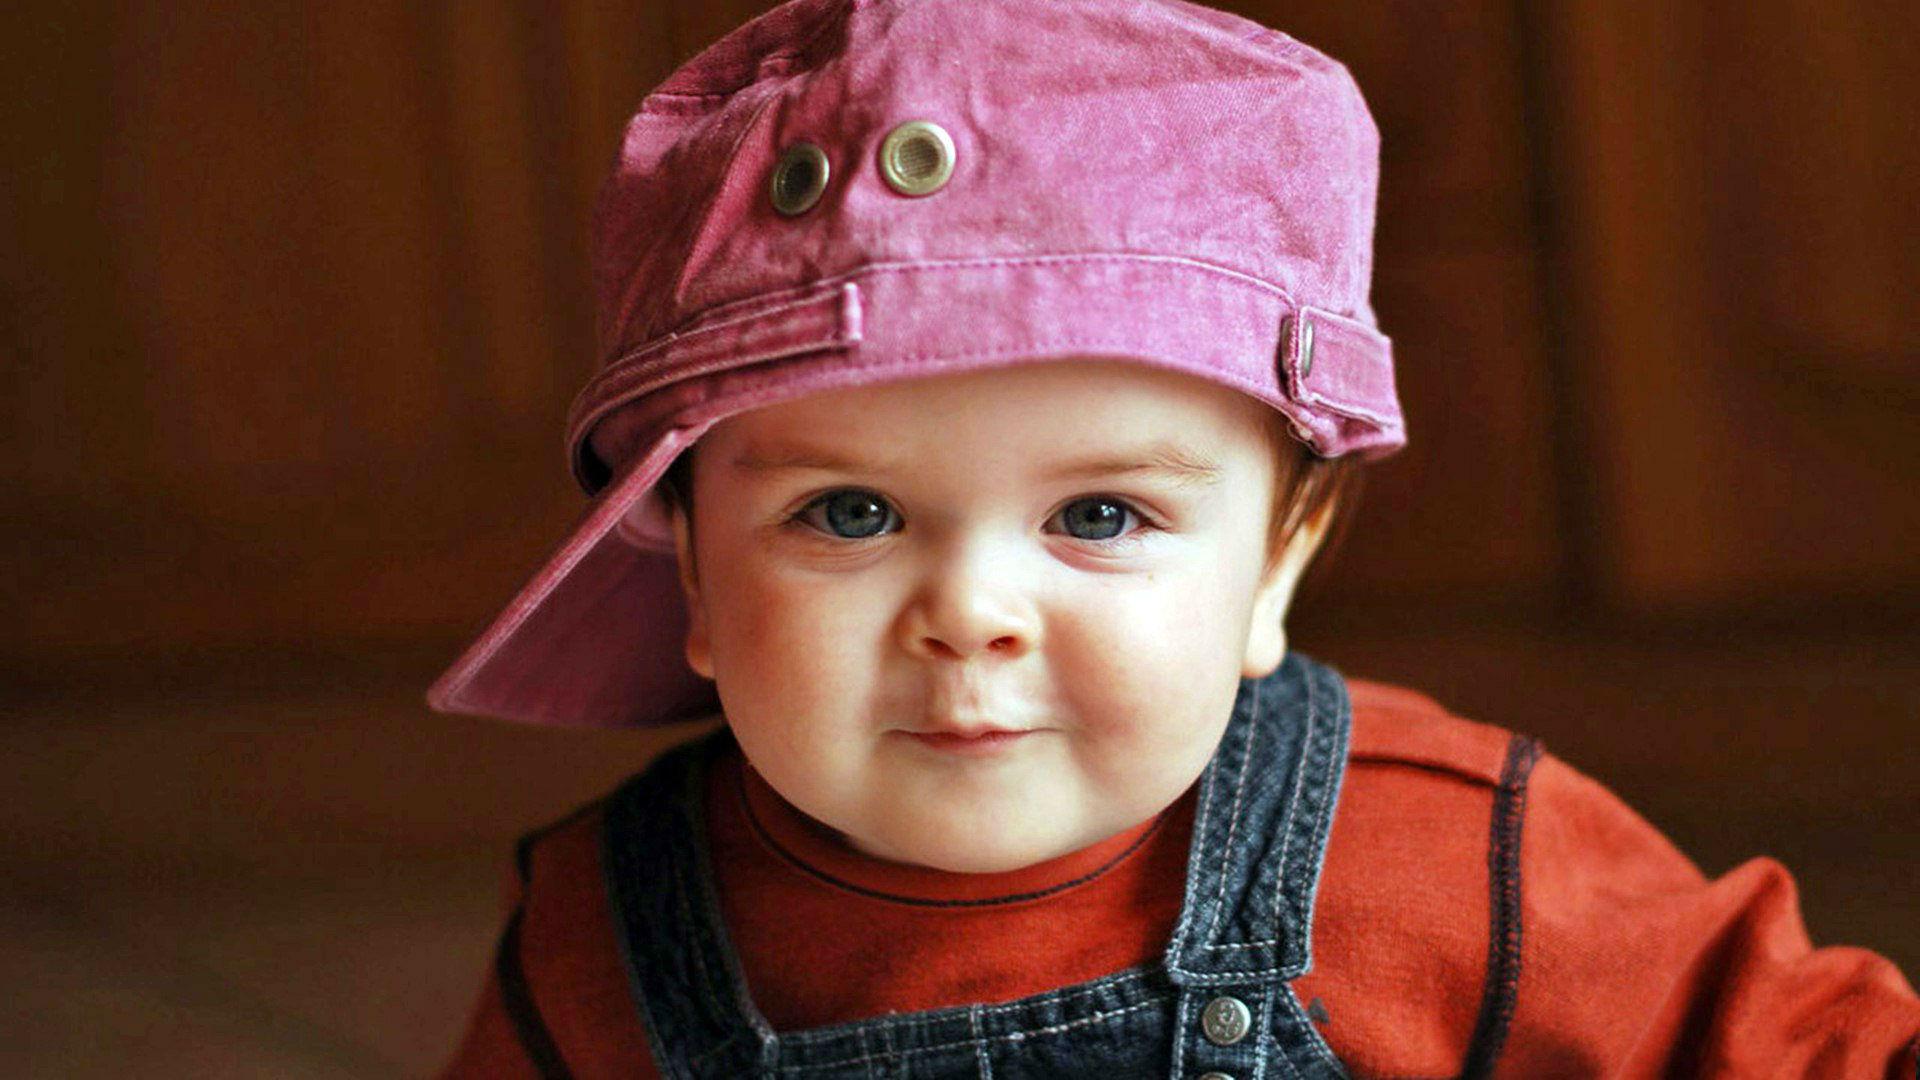 Cute Baby Boy Images - BDFjade